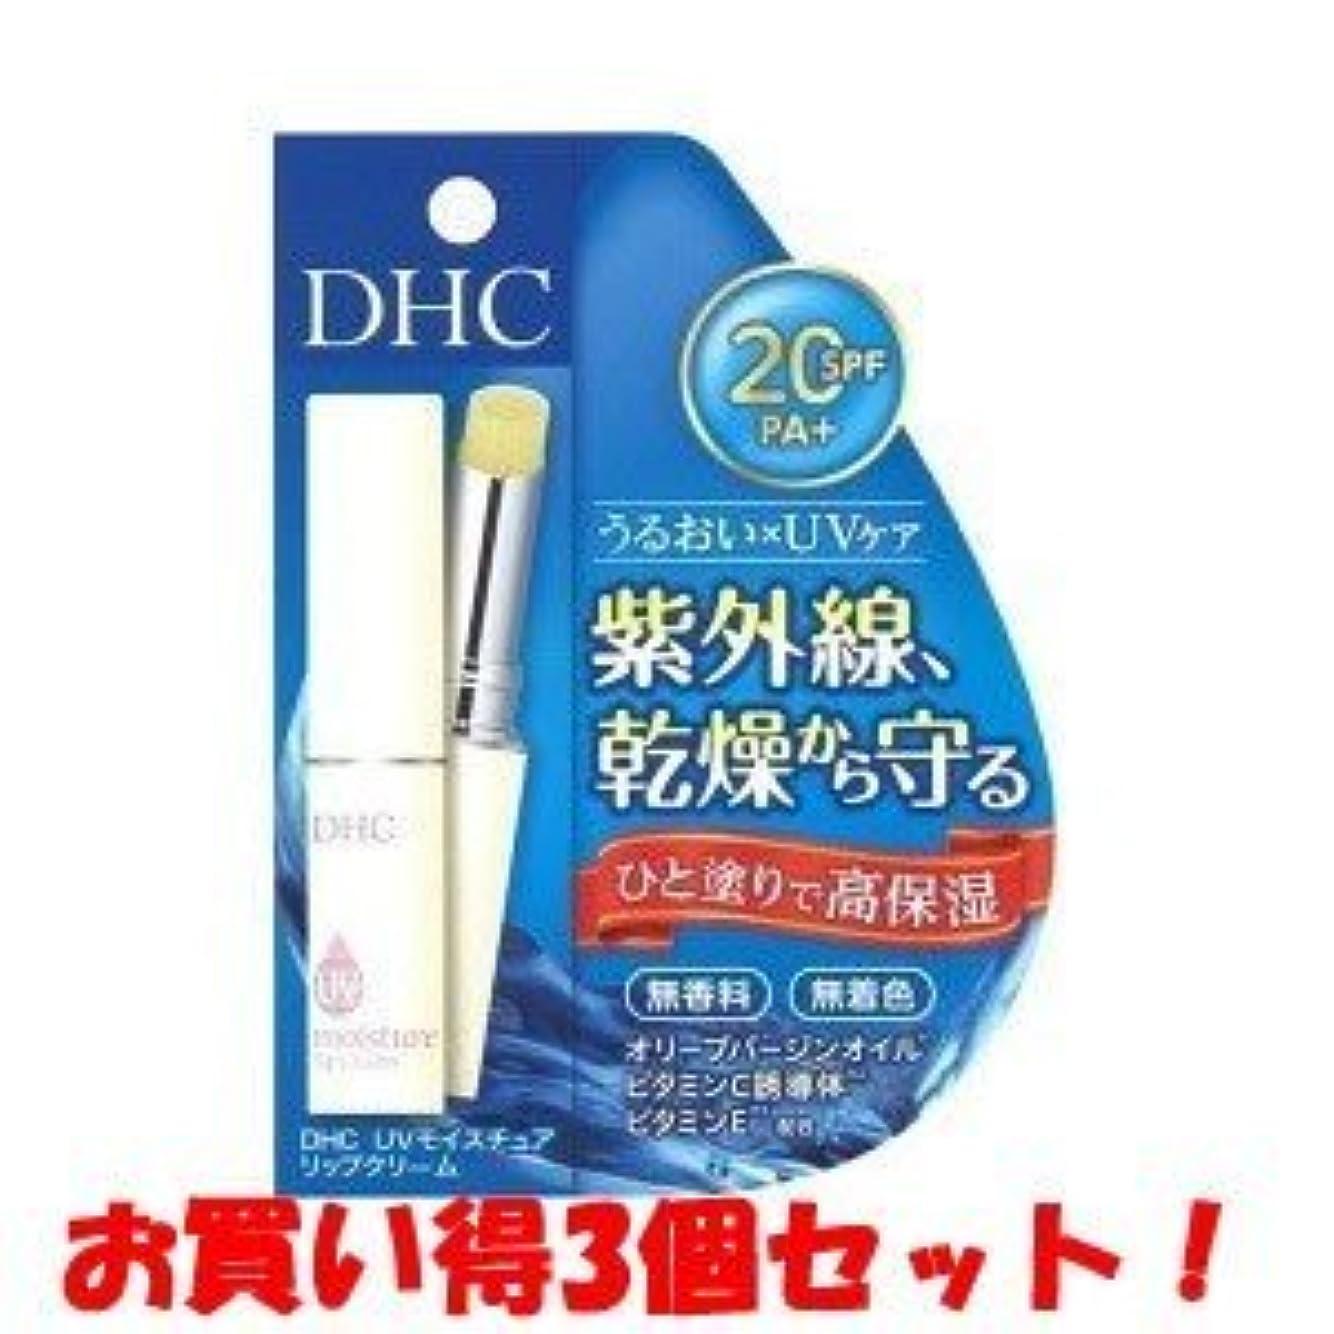 進化めまい一目(2016年秋の新商品)(DHC)UVモイスチュアリップクリーム SPF20 PA+ 1.5g(お買い得3個セット)